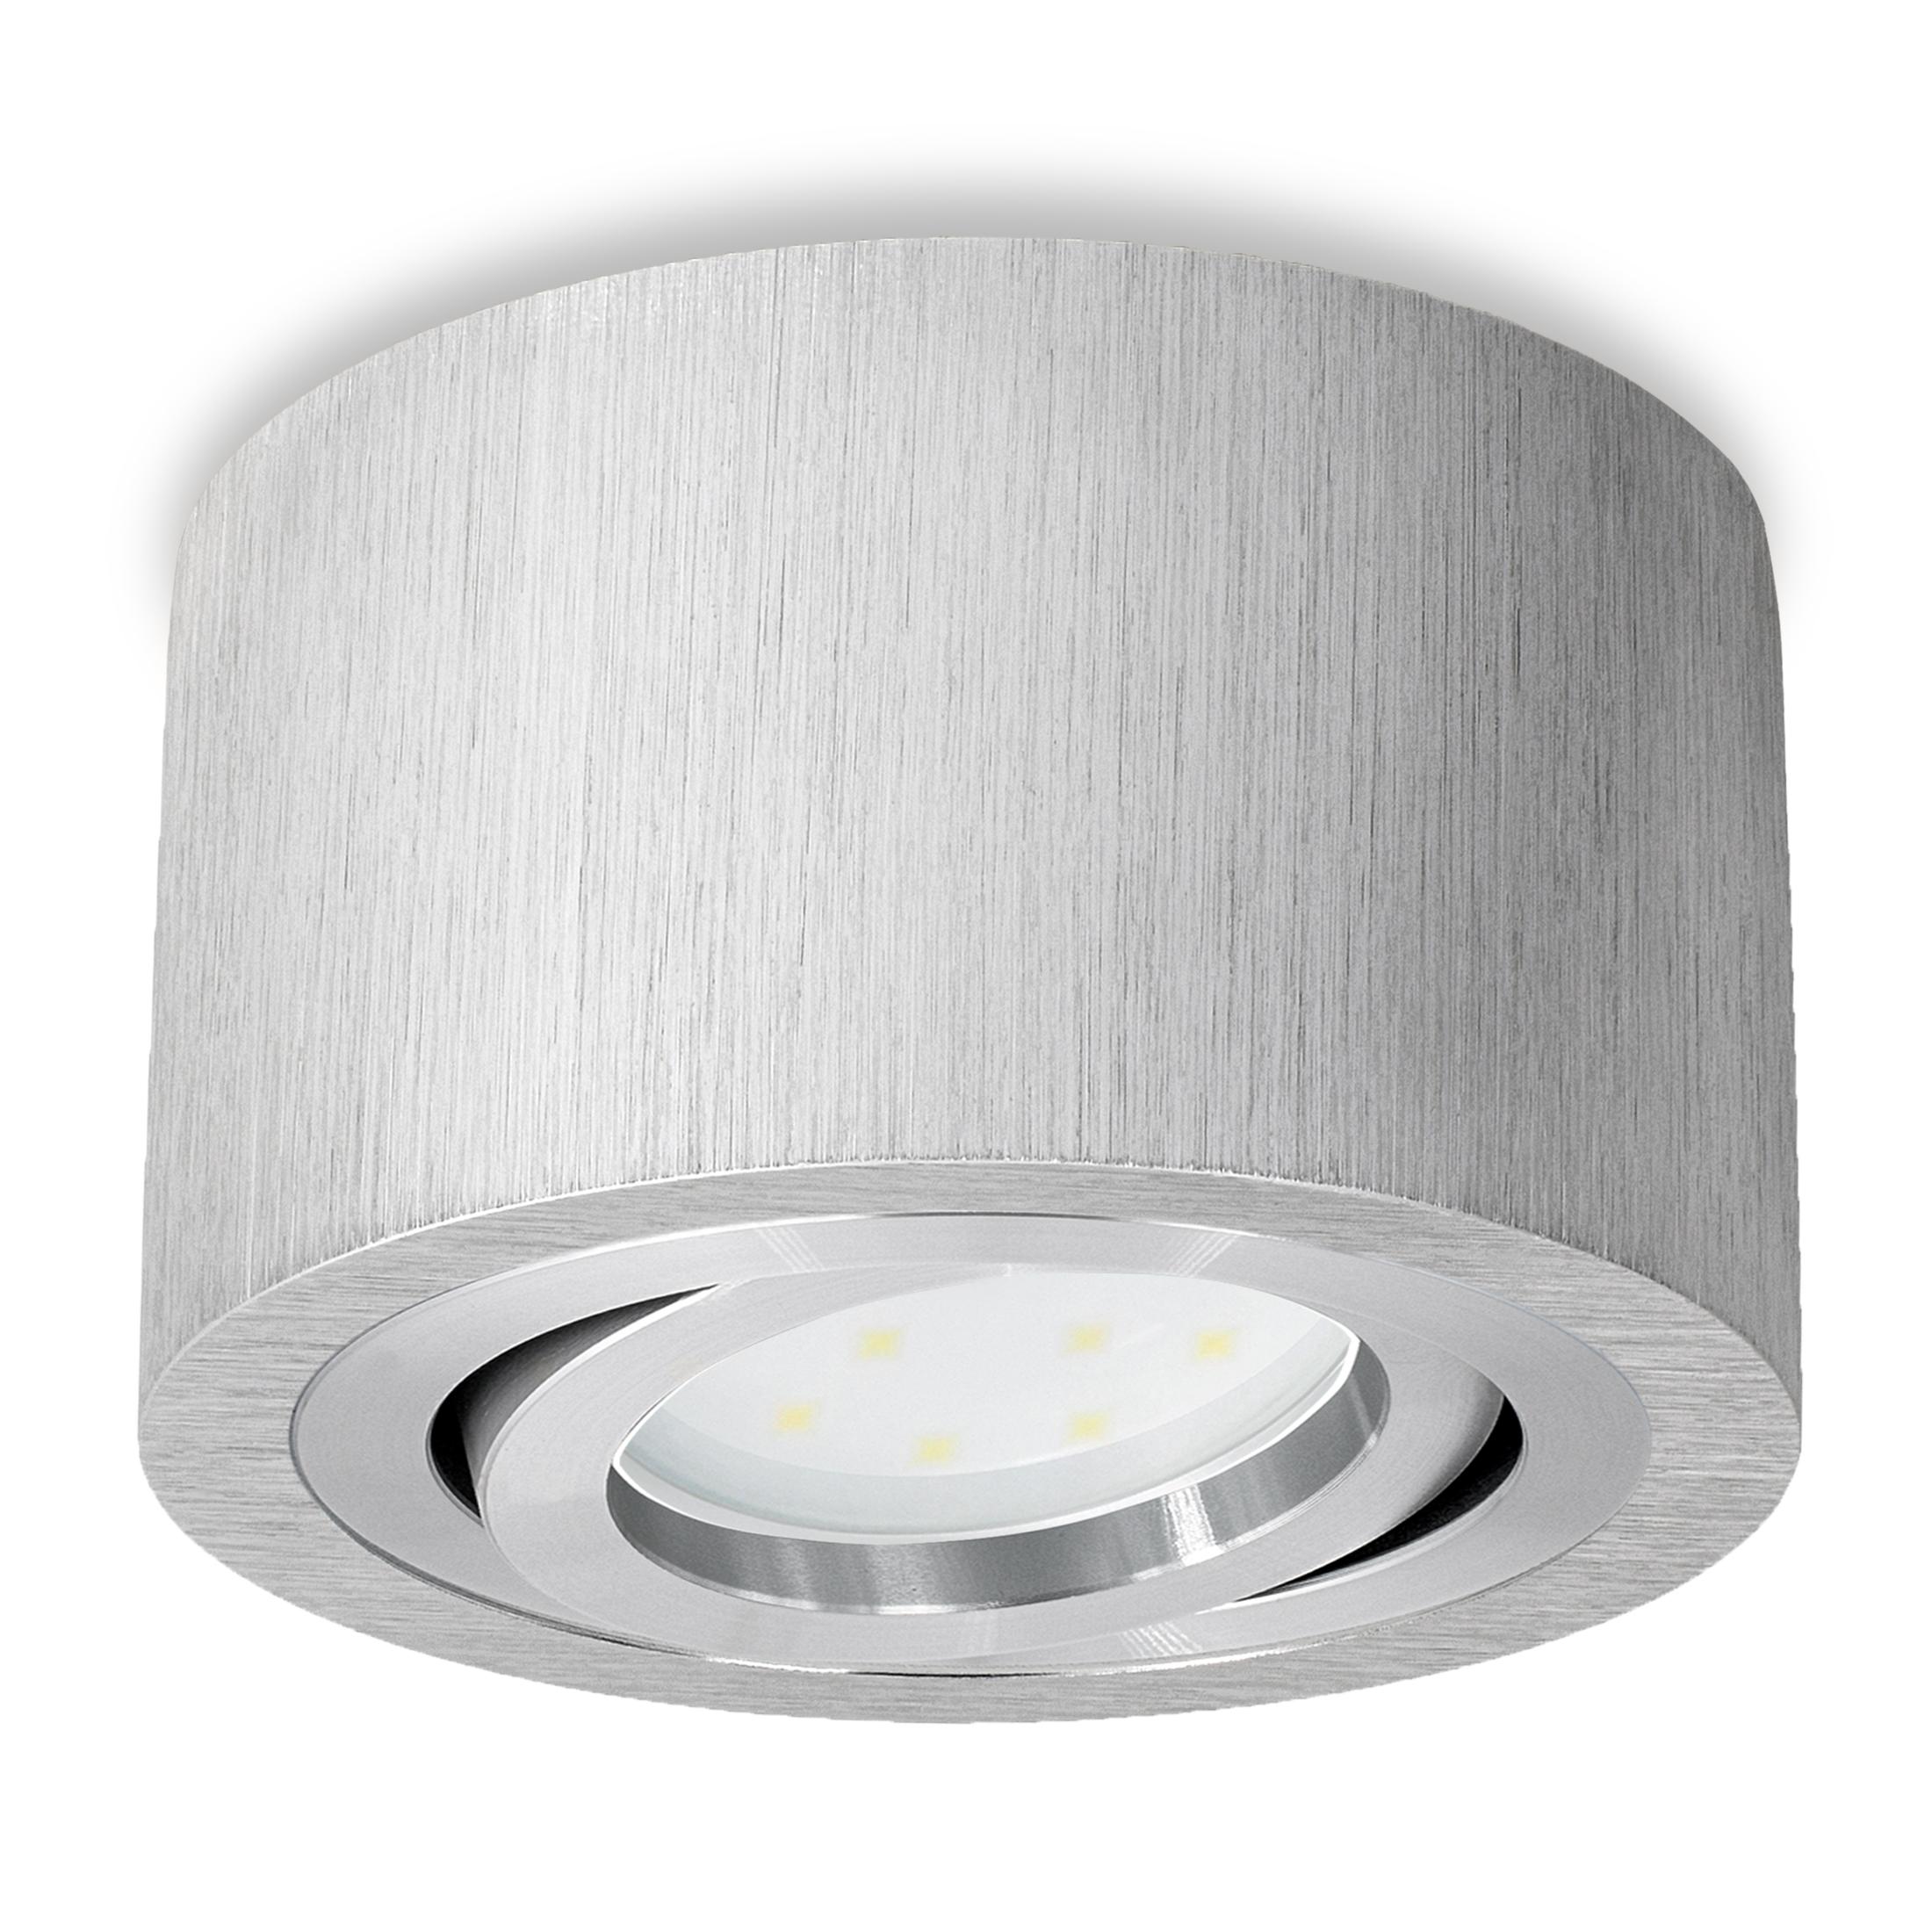 Beleuchtung Gu10 5w Led Leuchtmittel 230v Neueste Technik Symbol Der Marke Aufbau Spotleuchte Rund Strahler Deckenleuchte Büro & Schreibwaren